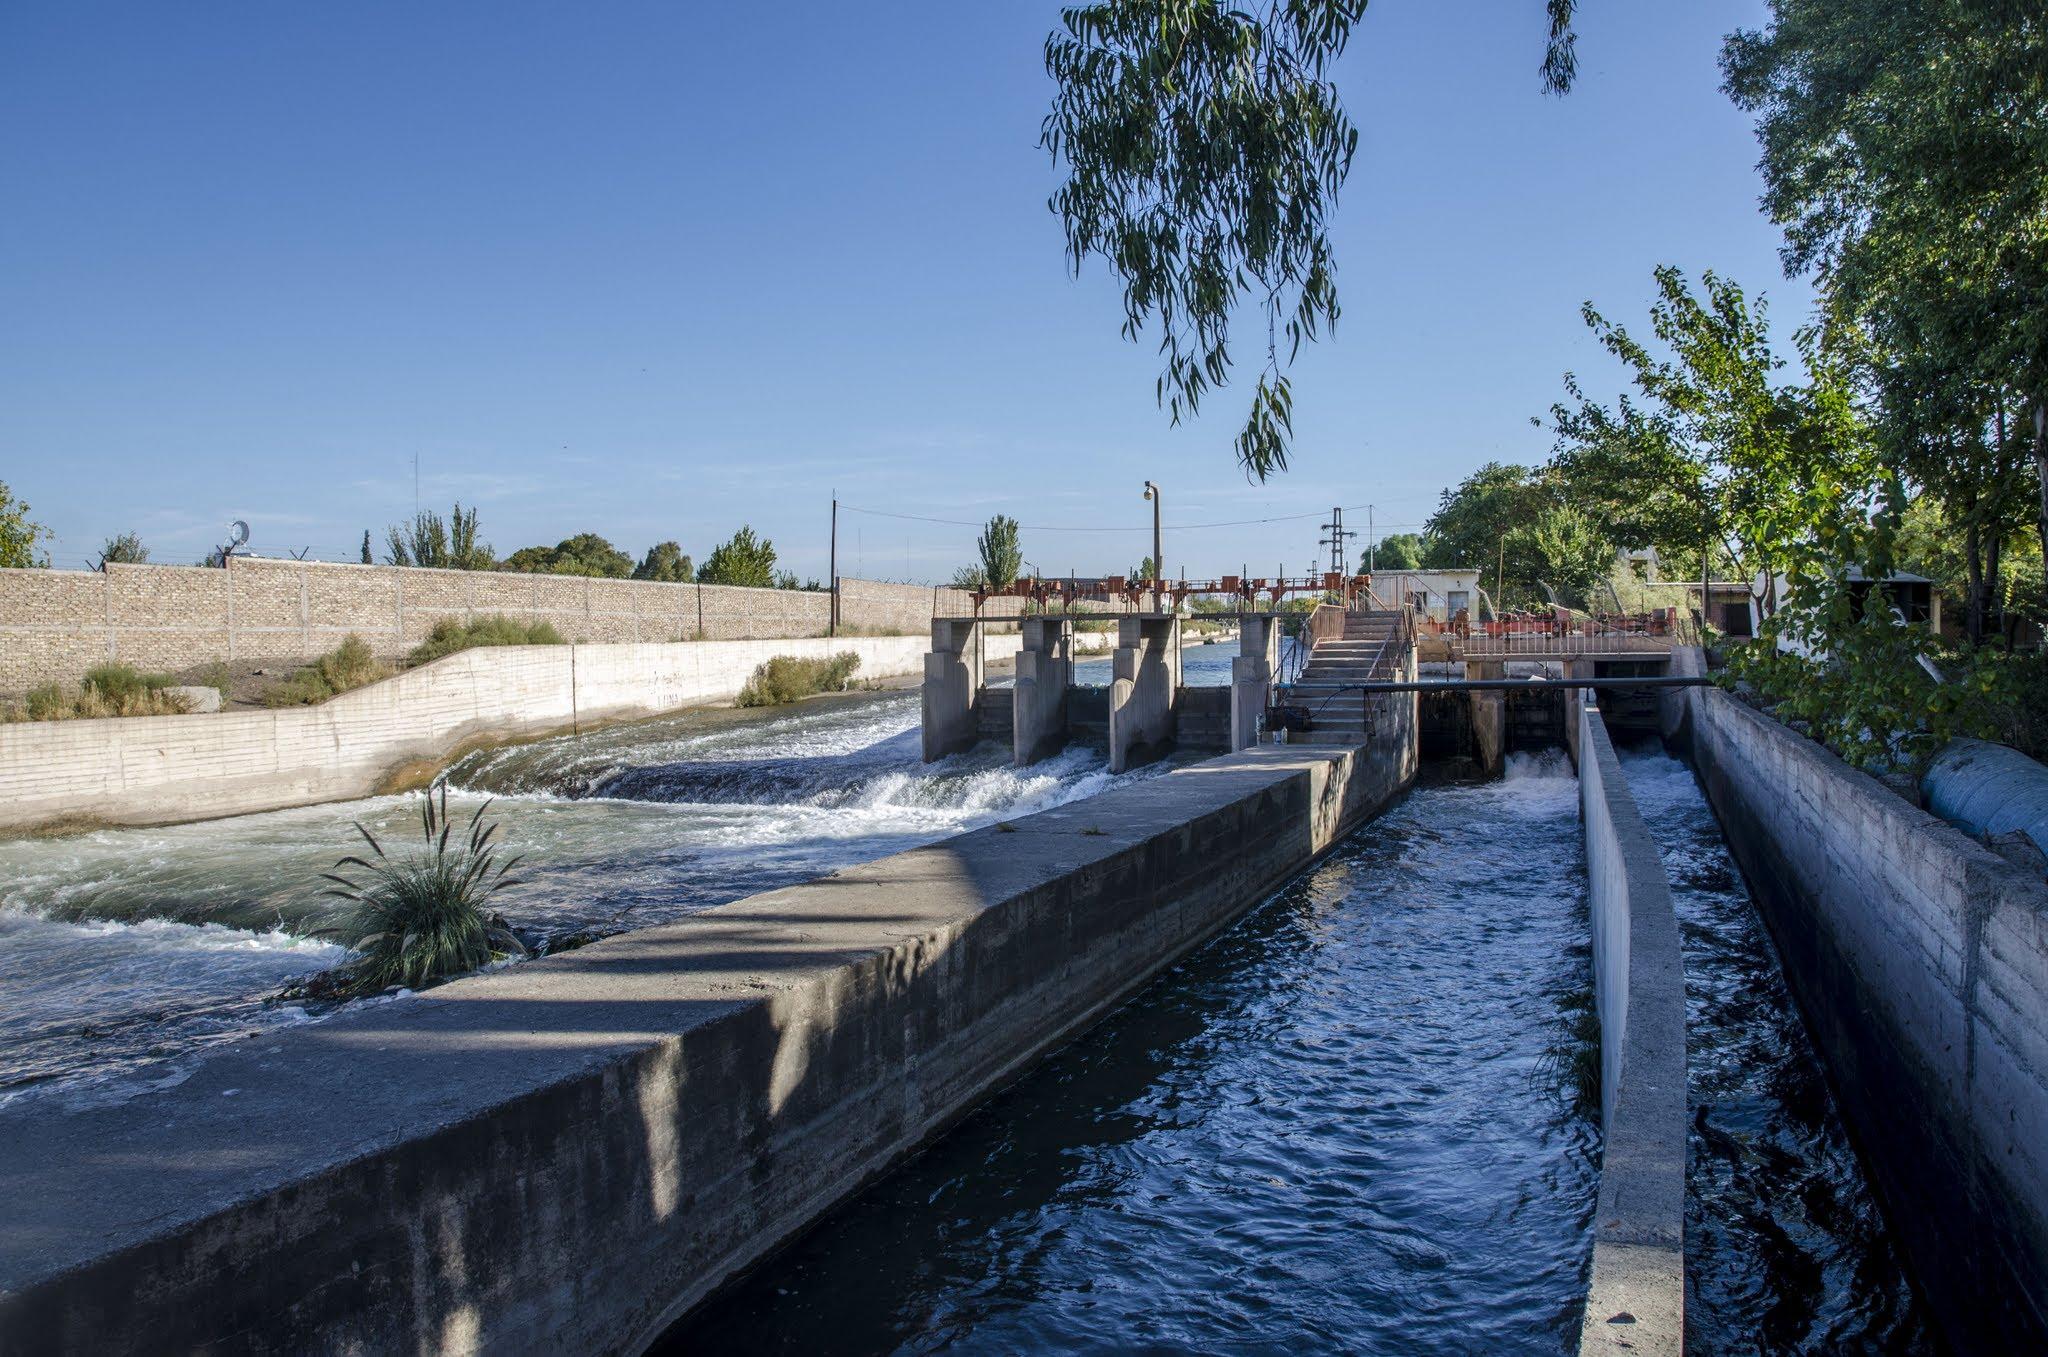 Hasta el 31 de octubre se prorrogó el pago de aguas superficiales